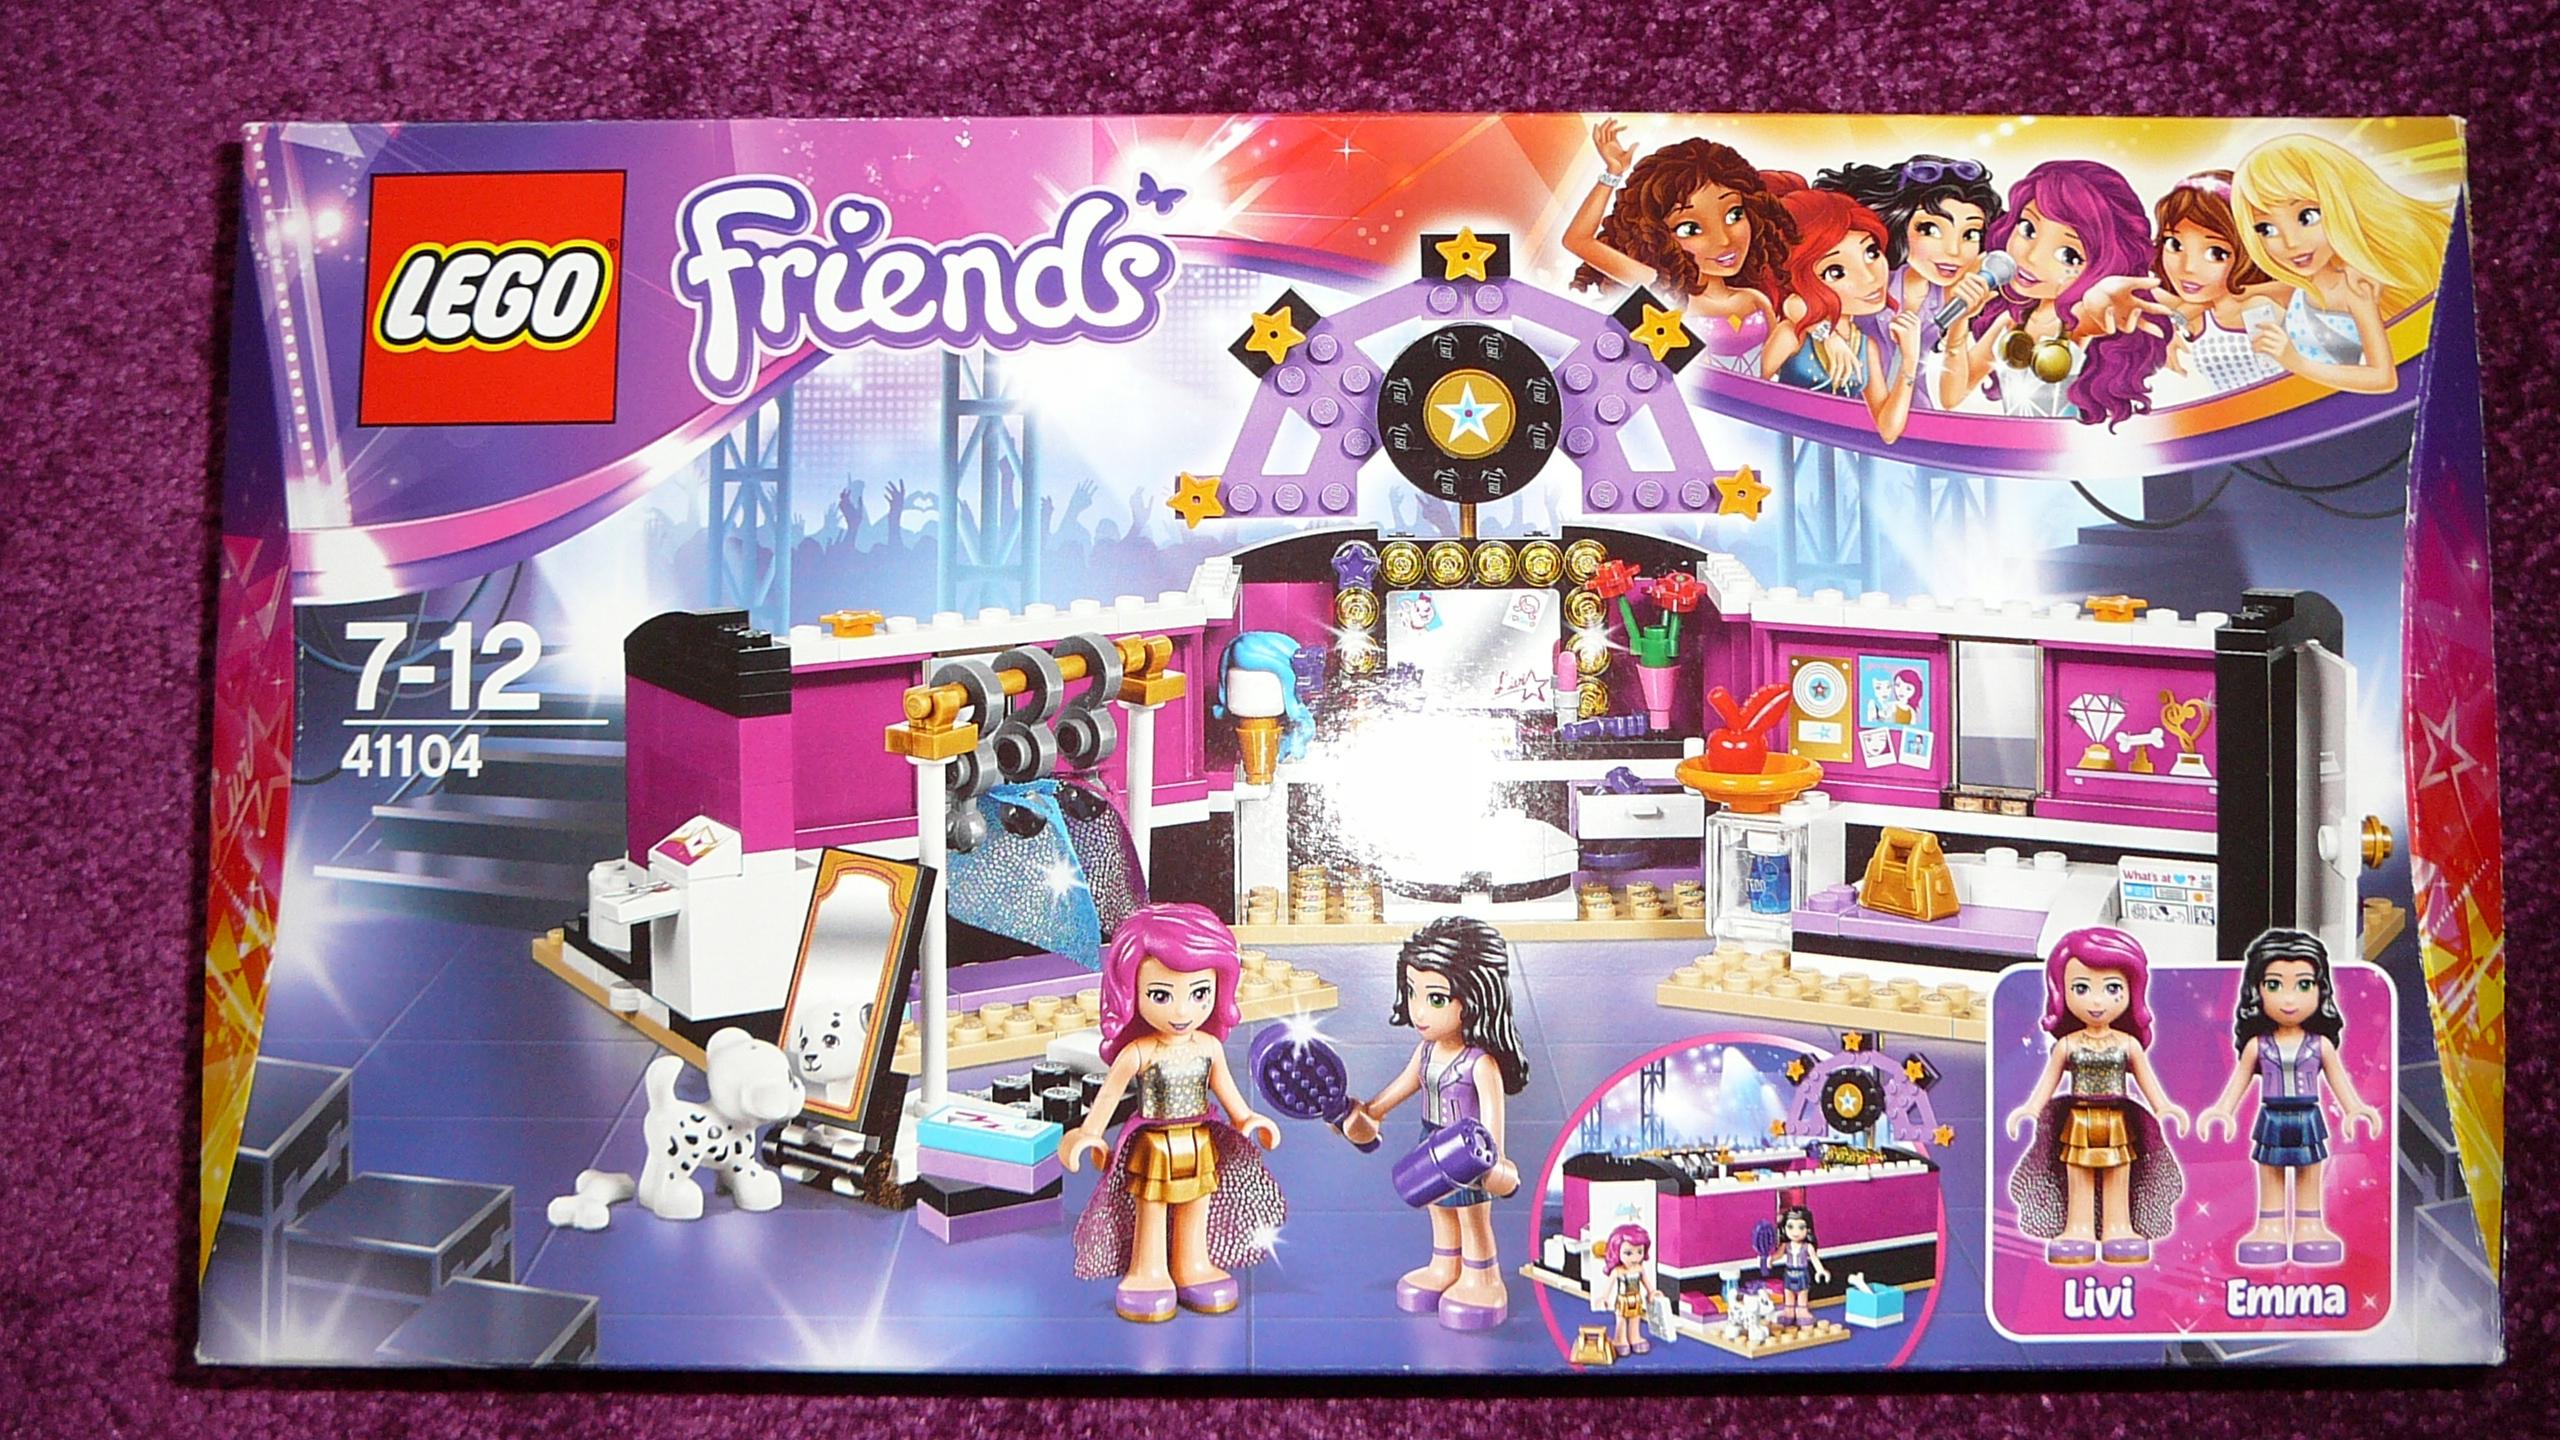 Klocki Lego Friends Scena Gwiazdy Pop 100 7625419626 Oficjalne